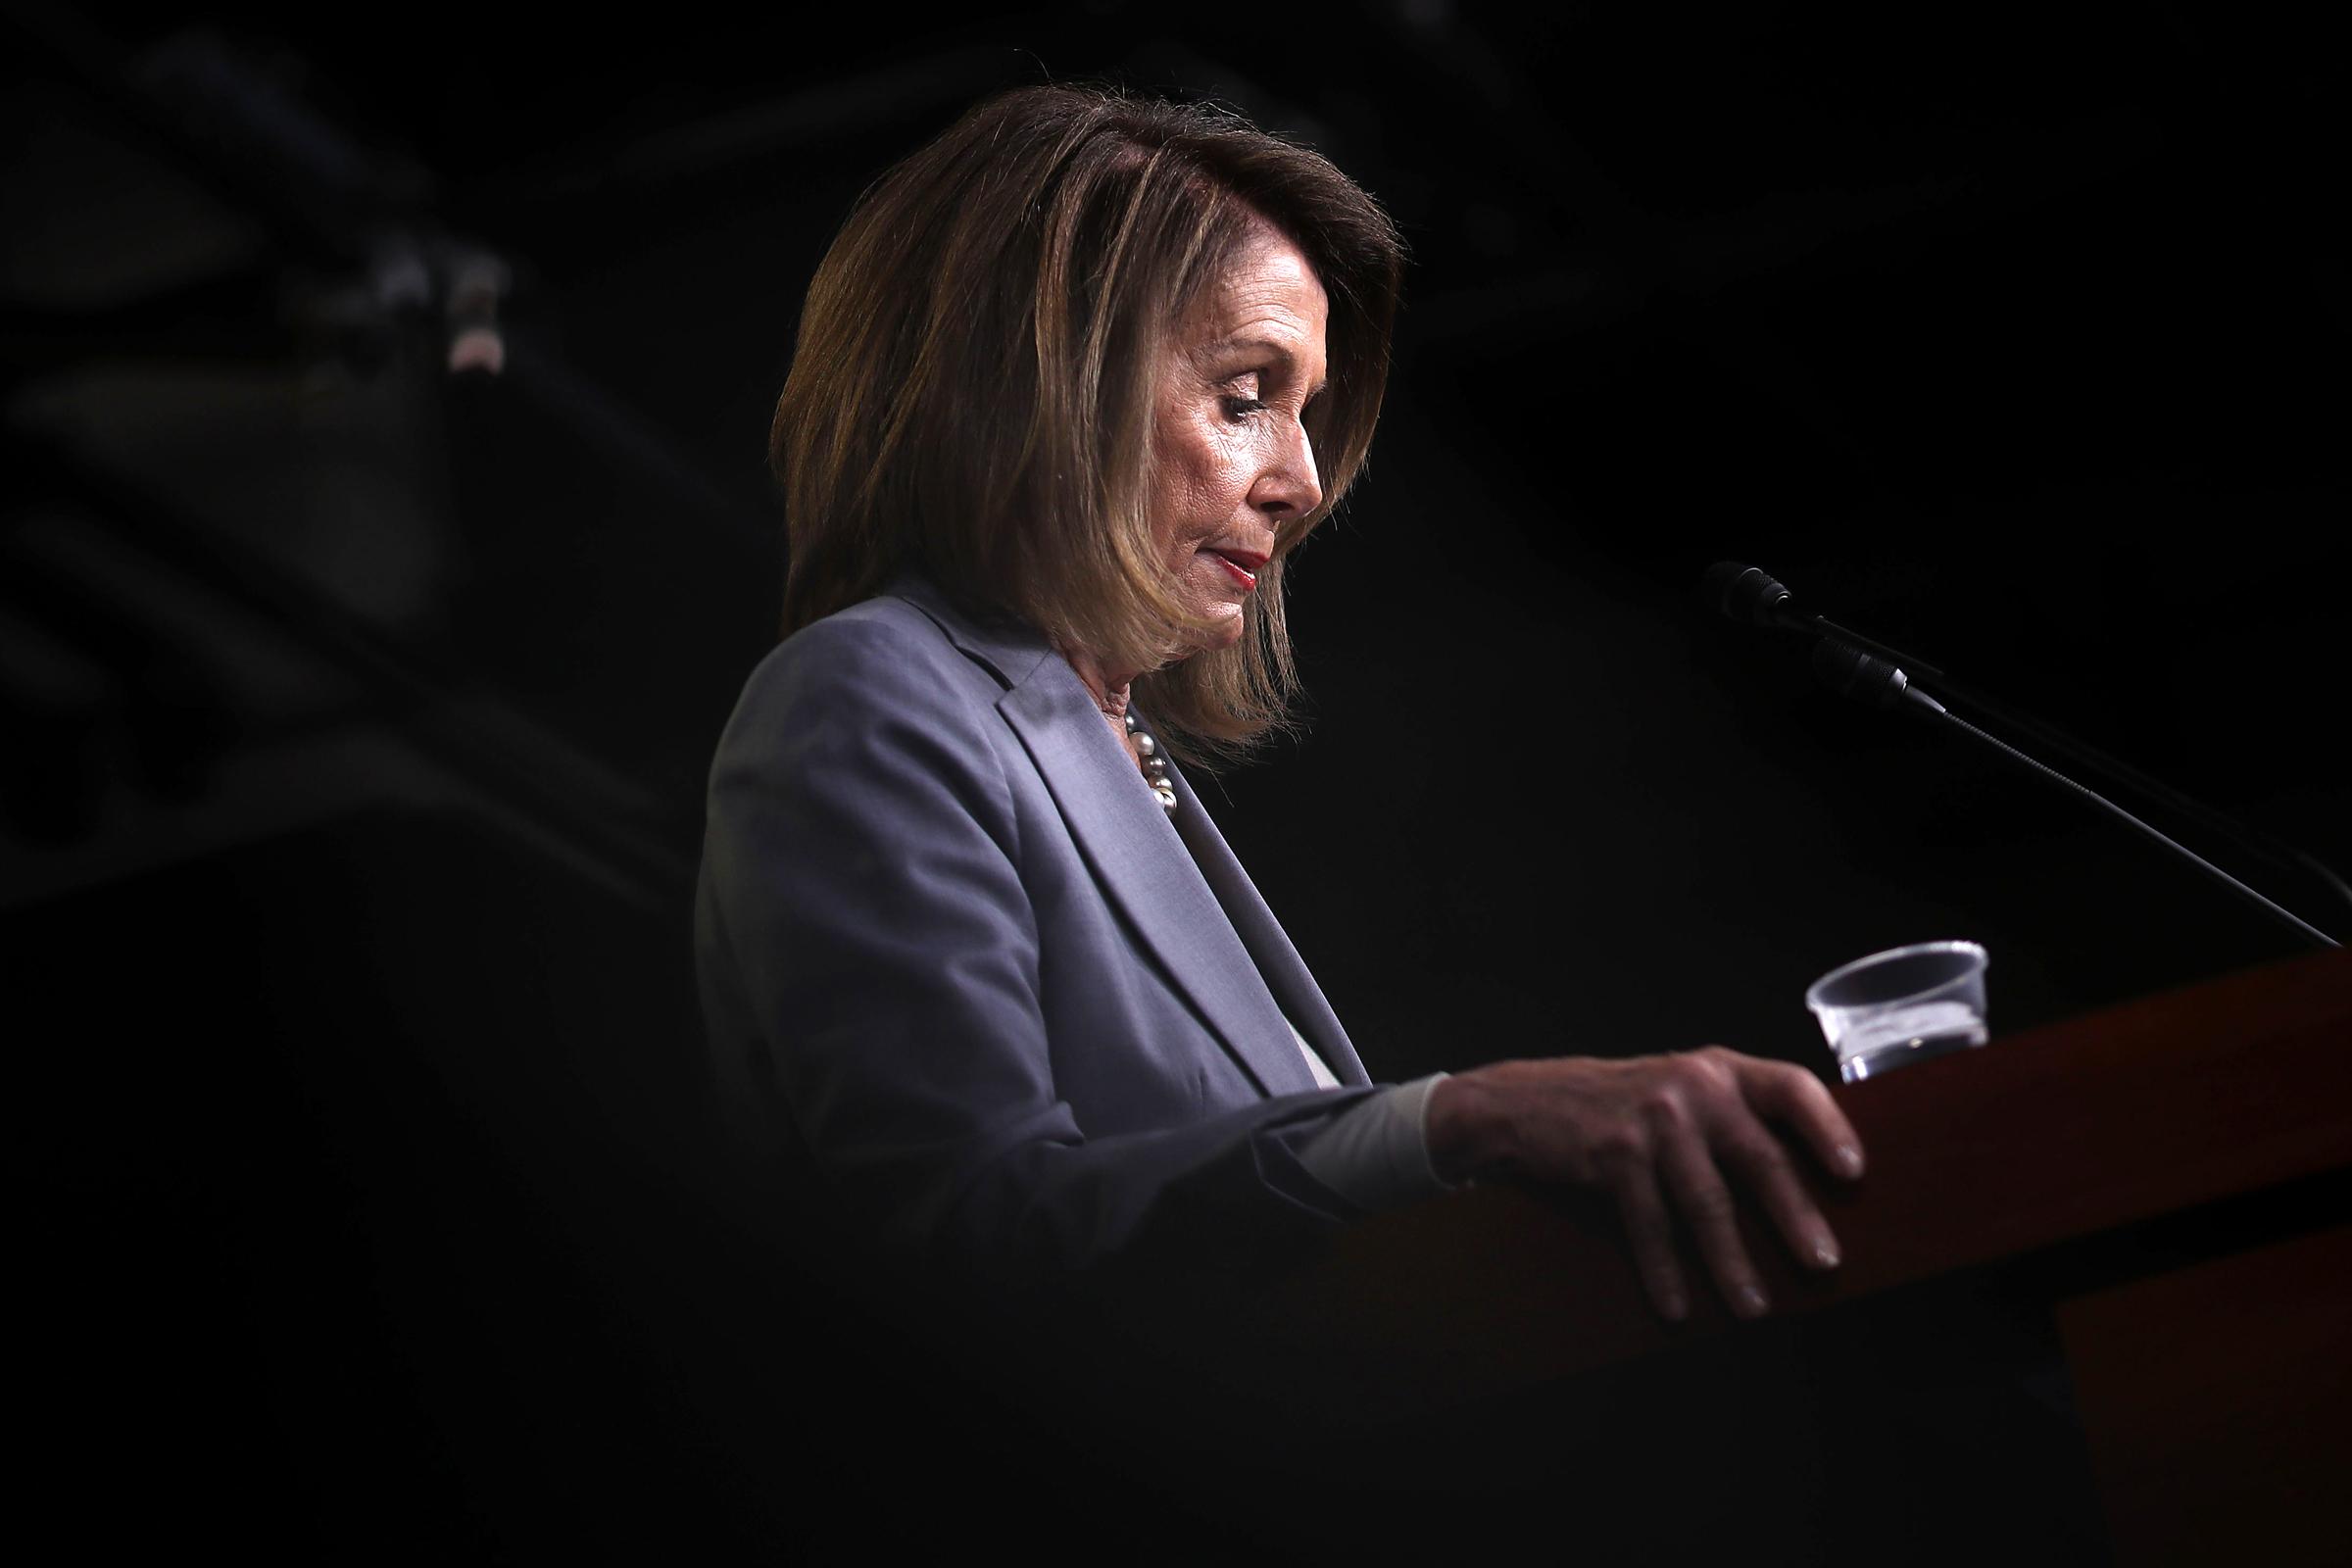 Will Nancy Pelosi Come Around to Impeachment?